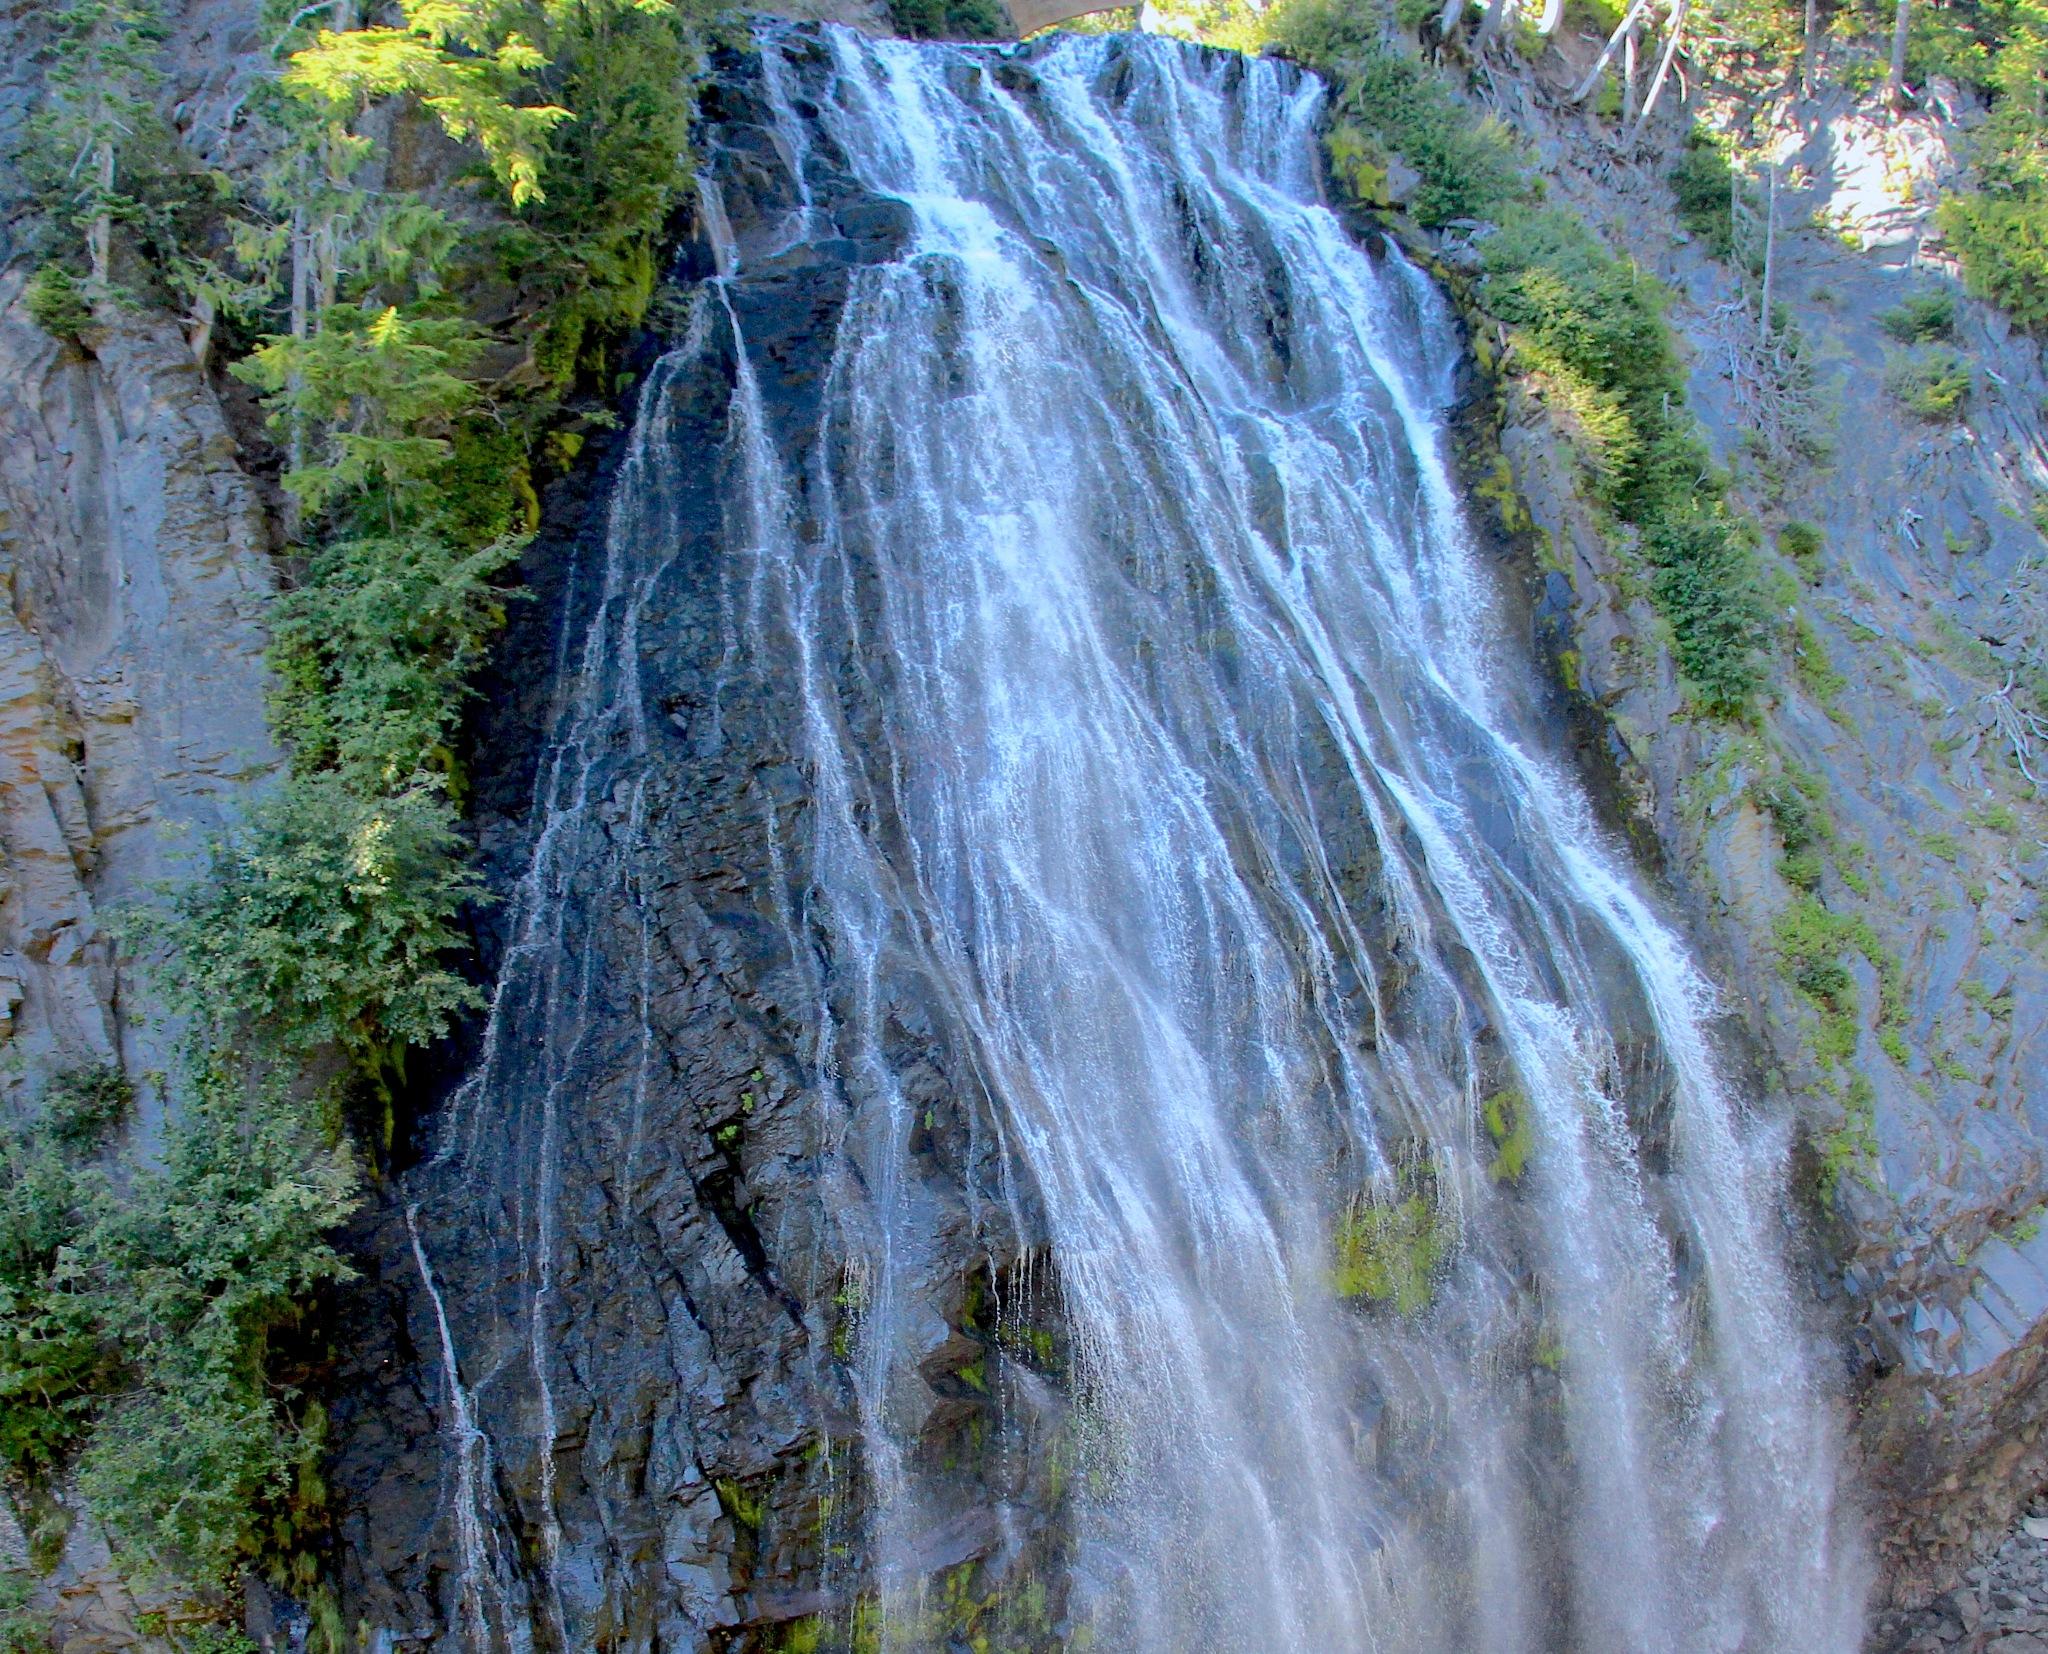 Close Up of Waterfall Seattle Washington by suzanne.kohr